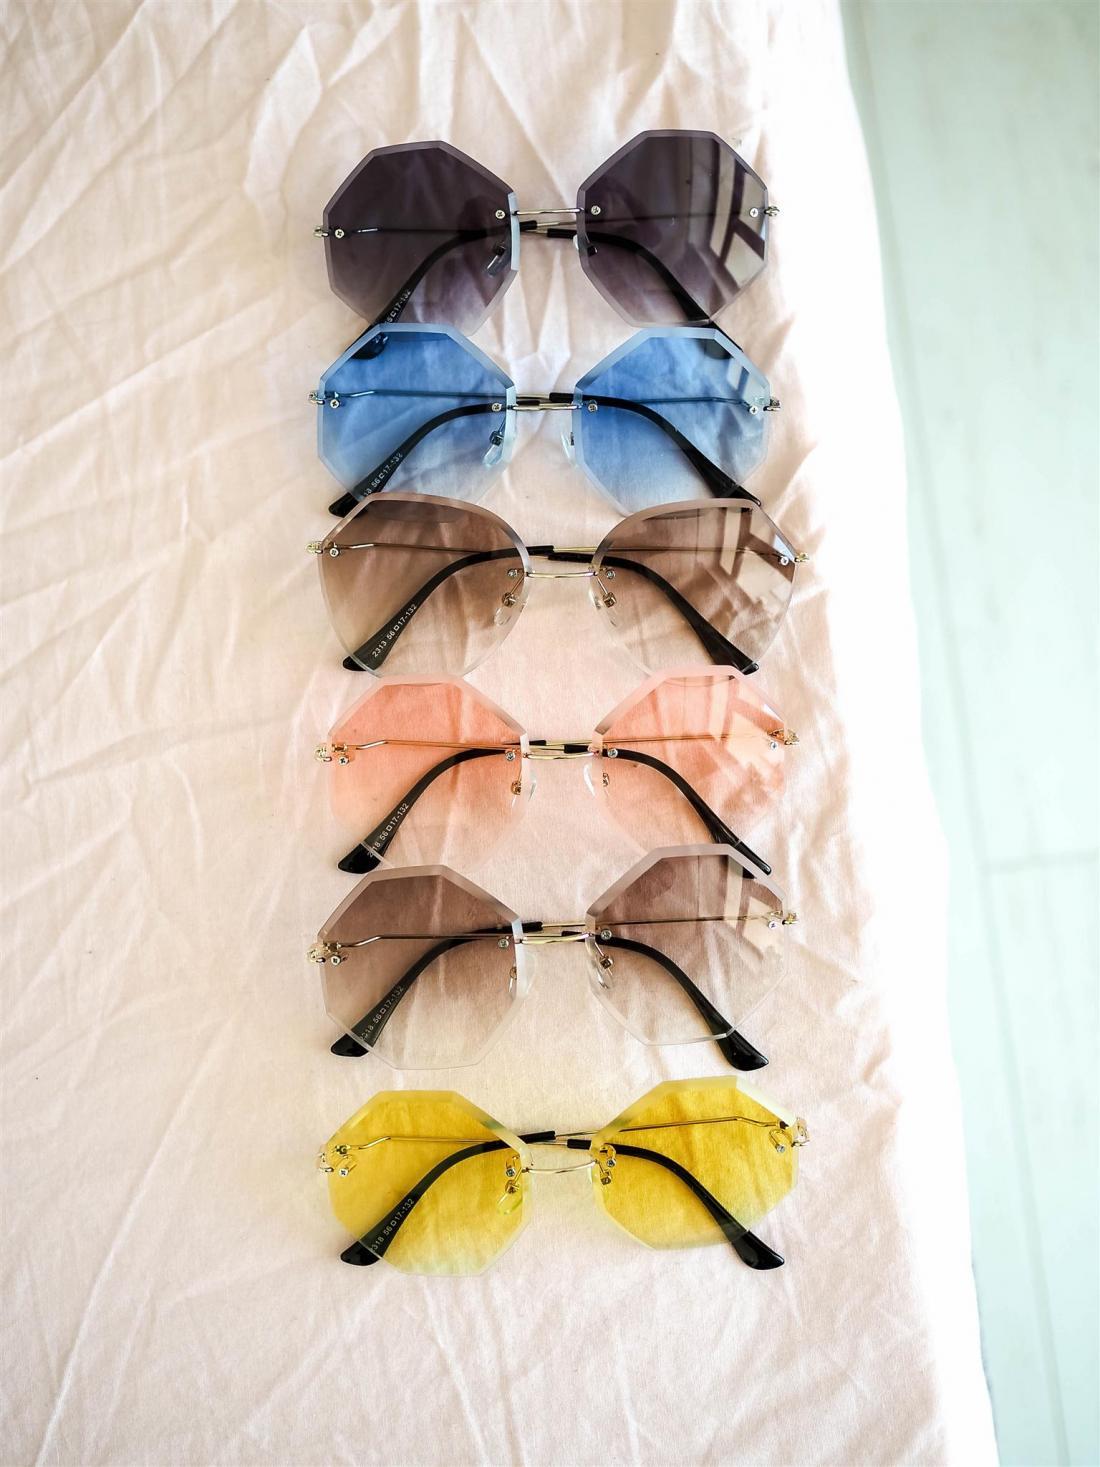 Скидка 10% на солнцезащитные очки и оправы в оптике LOOK!